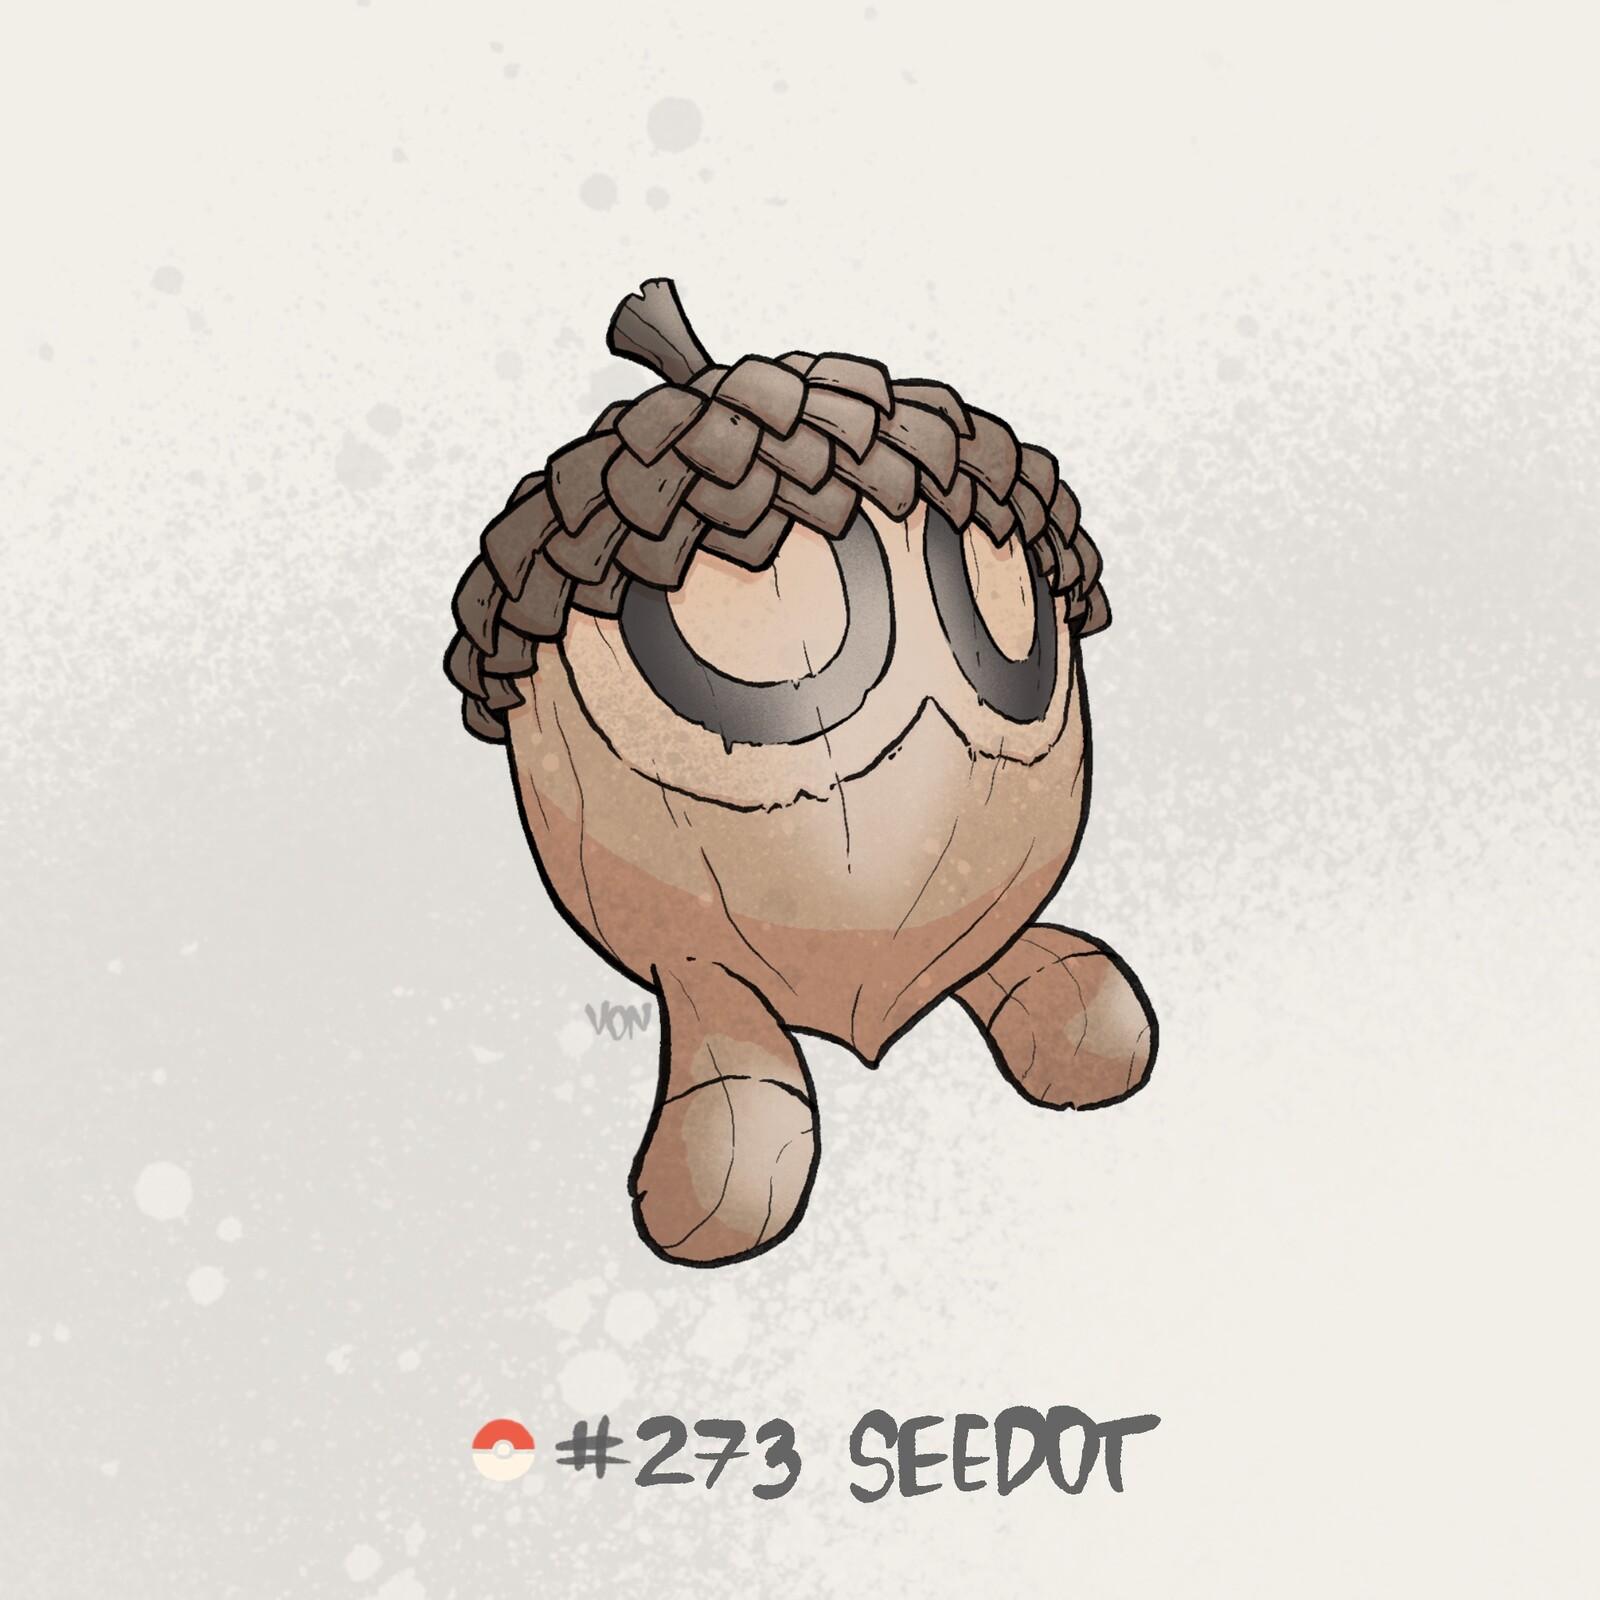 #273 Seedot